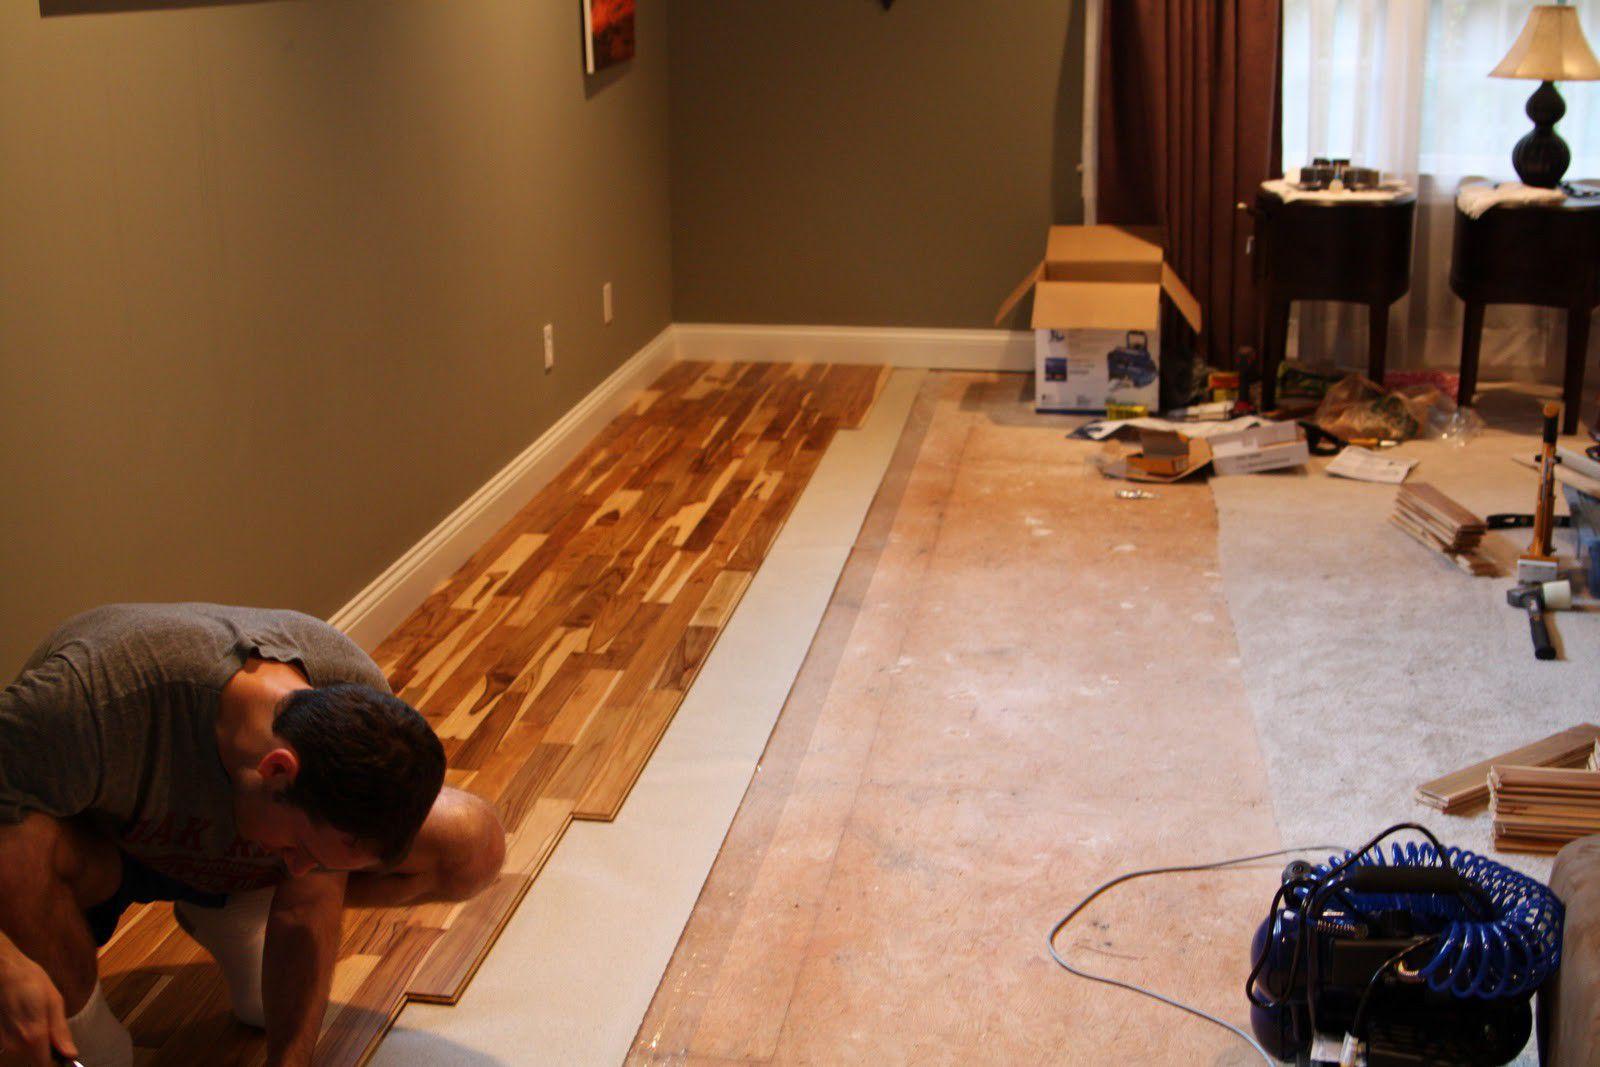 Thợ lắp đặt sửa chữa sàn gỗ tại tphcm